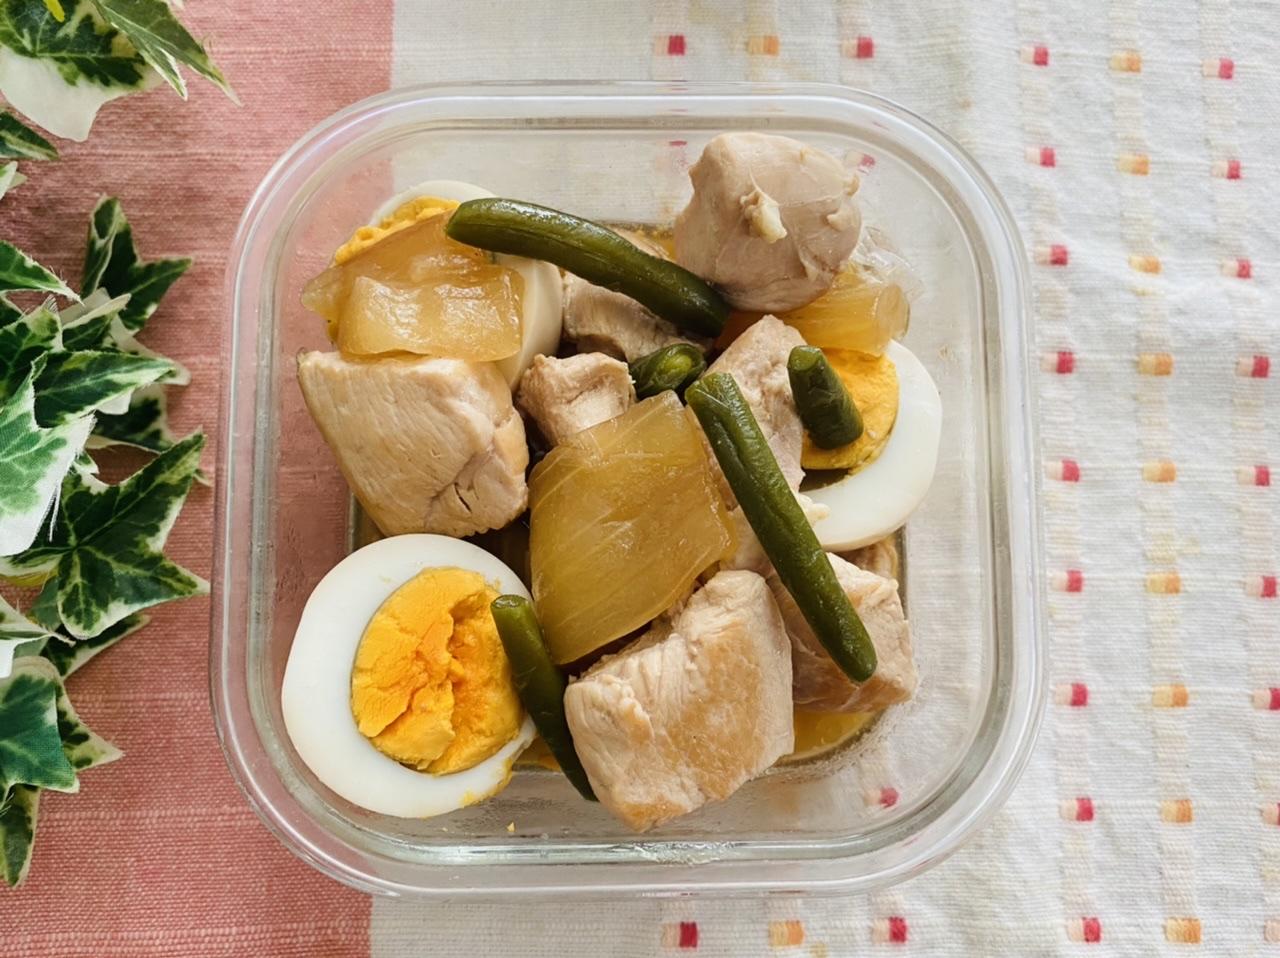 ゆうがおと鶏肉の煮物